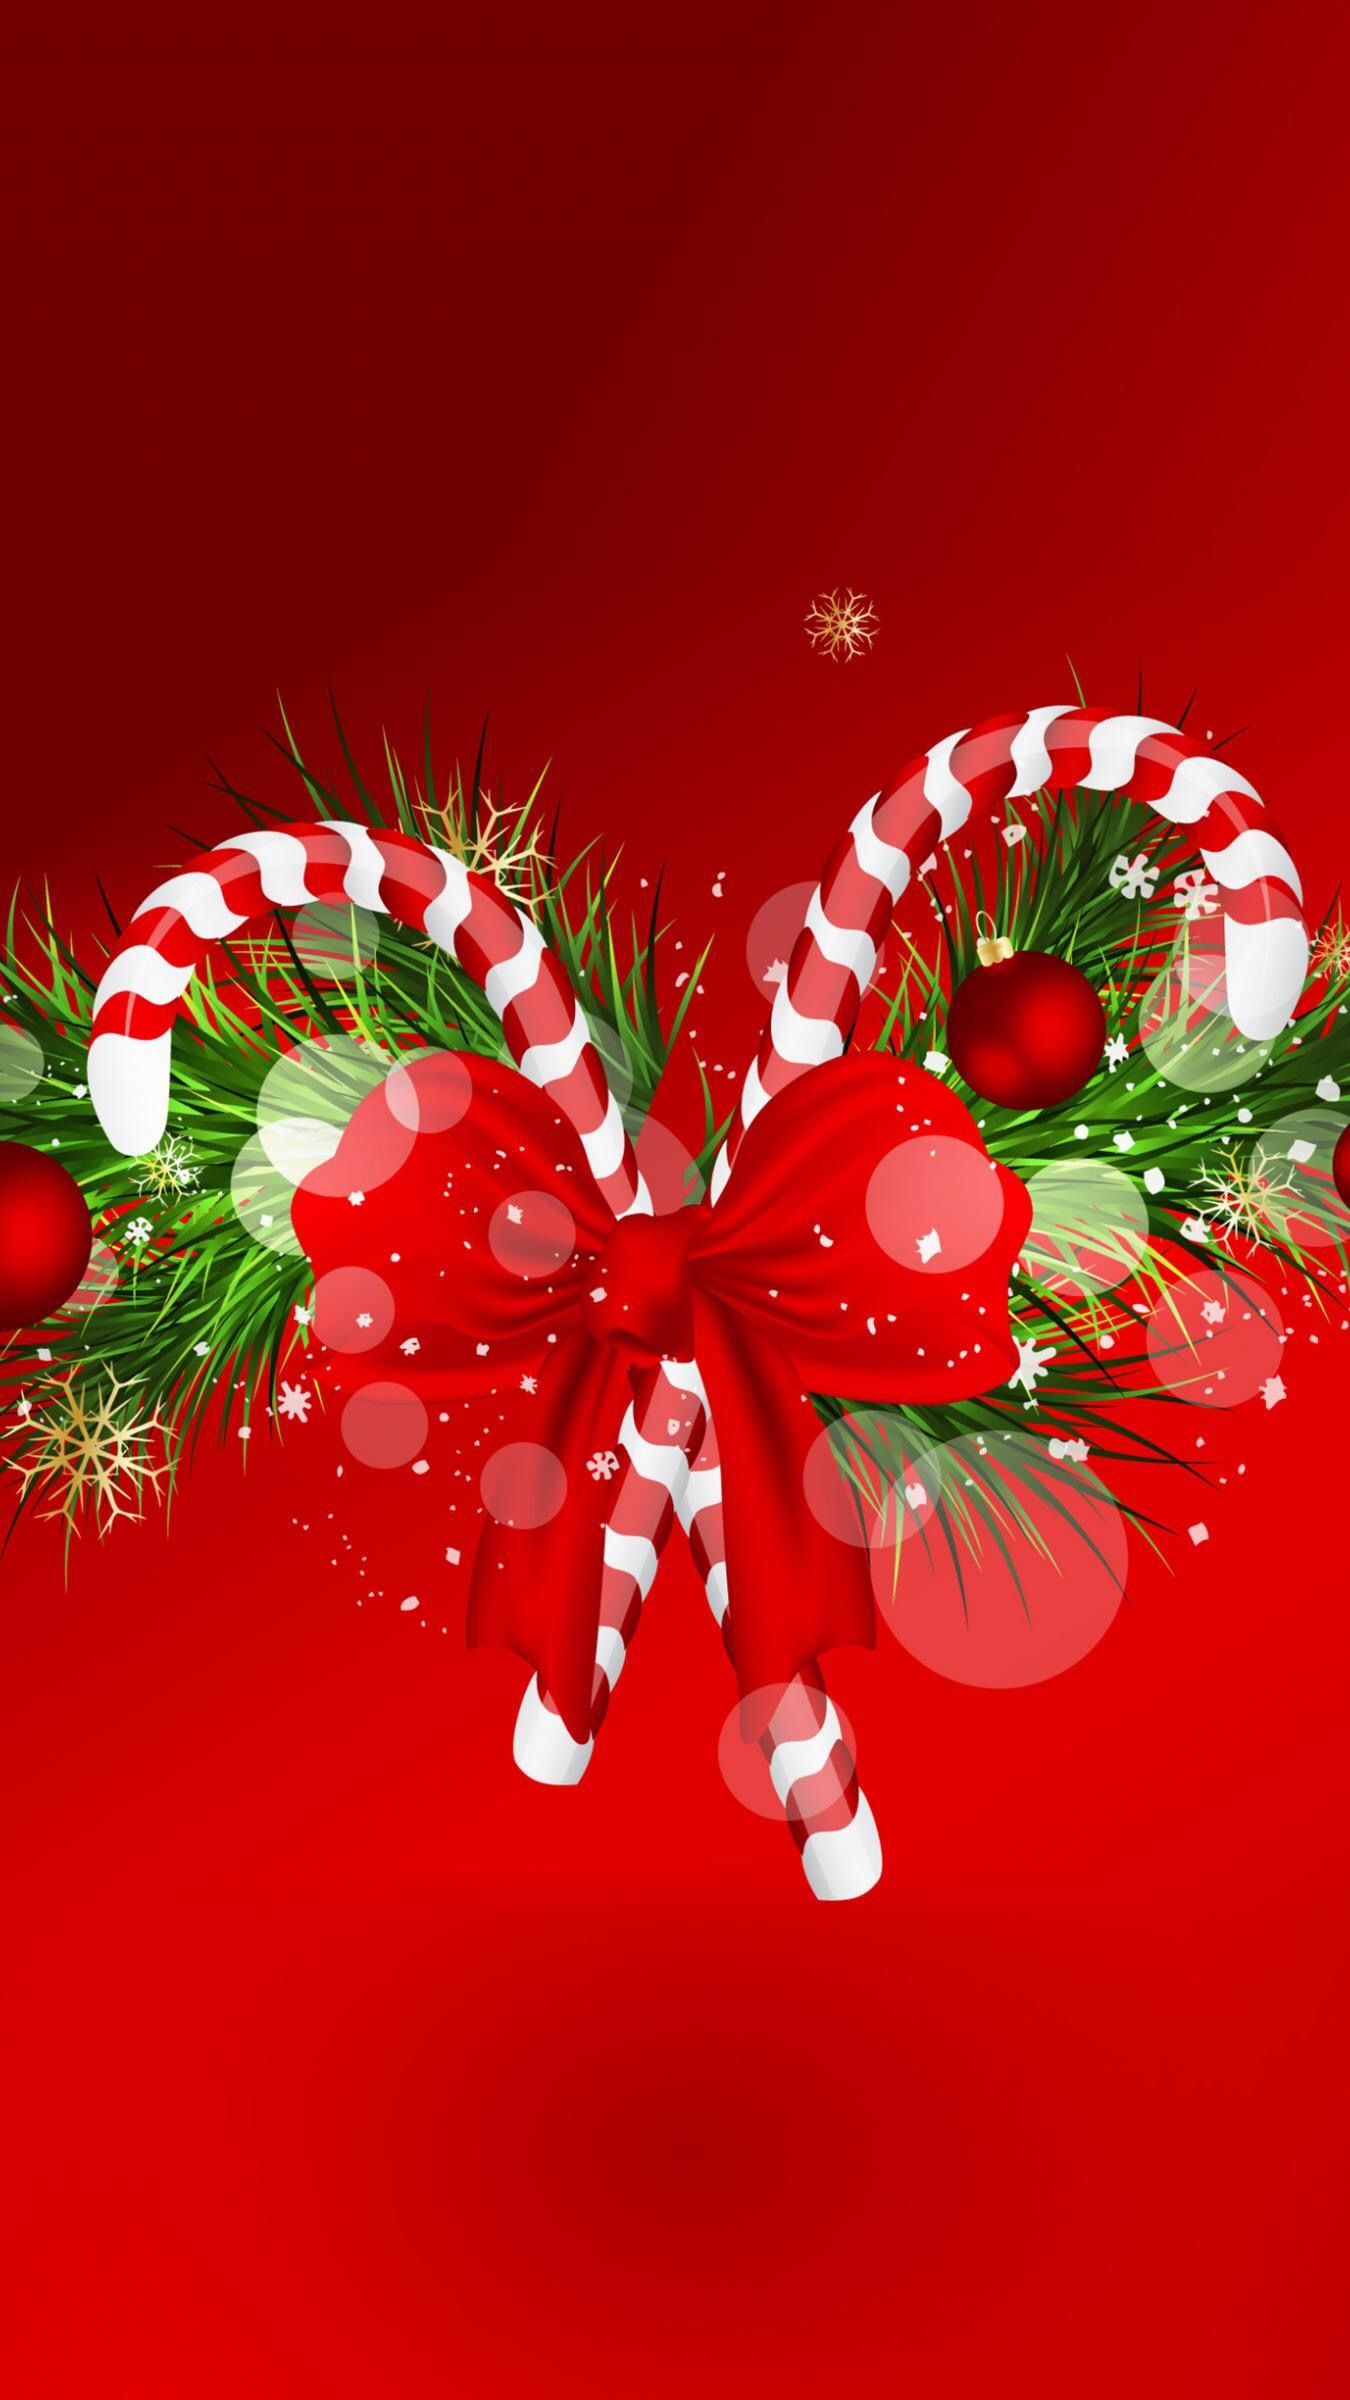 Pin by Karie Simon on Обои iPhone wallpapers Christmas